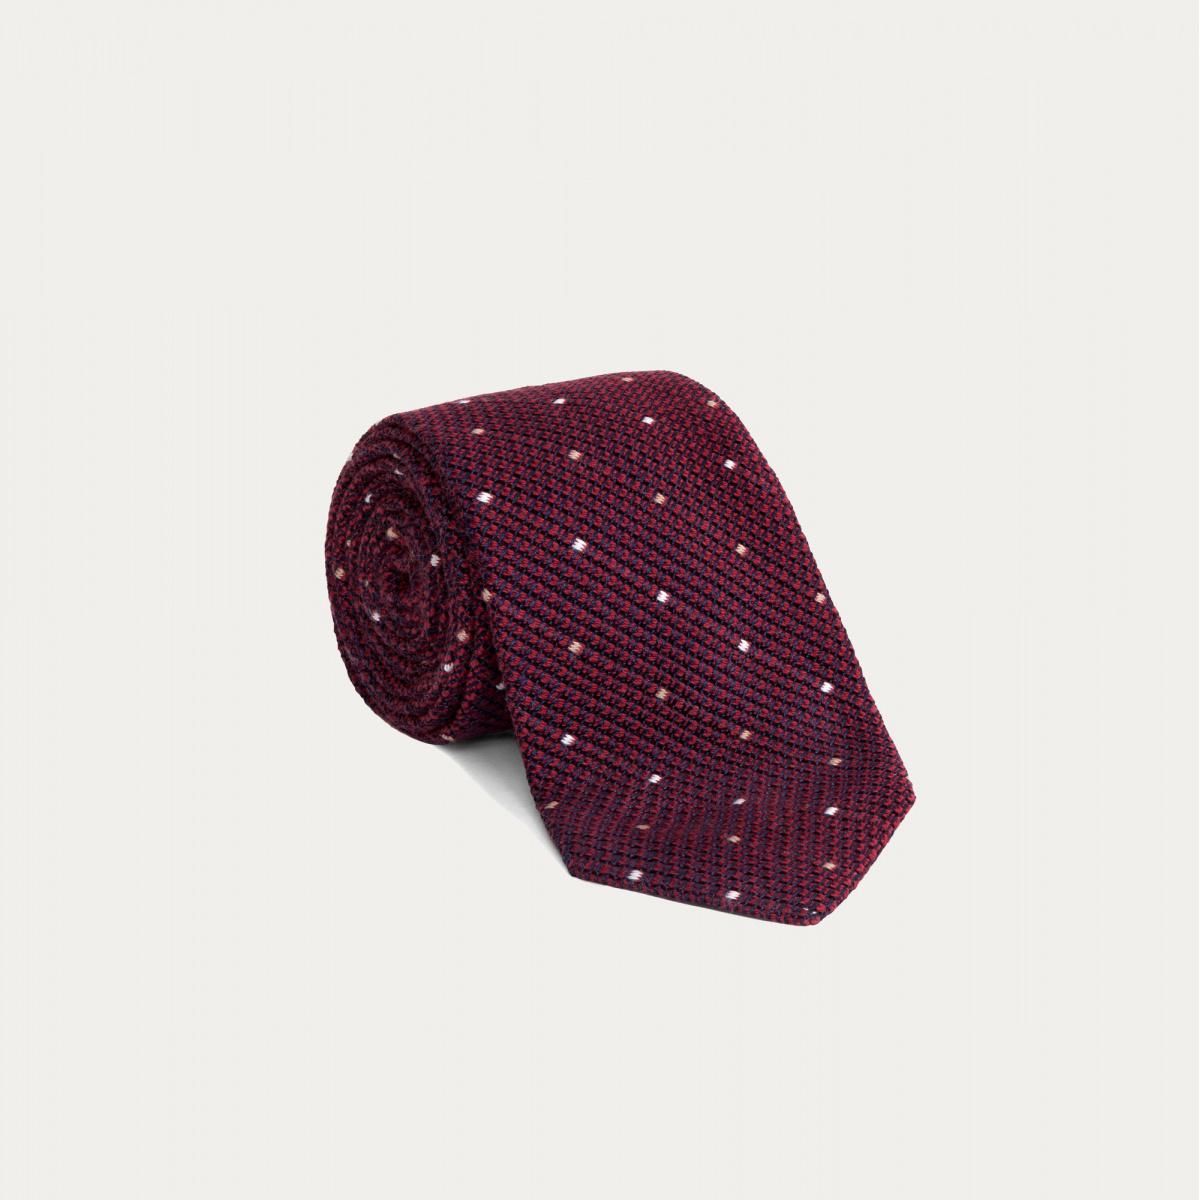 grande remise acheter pas cher les ventes chaudes Cravate Slim Grenadine de Soie Rouge à Pois | Hast